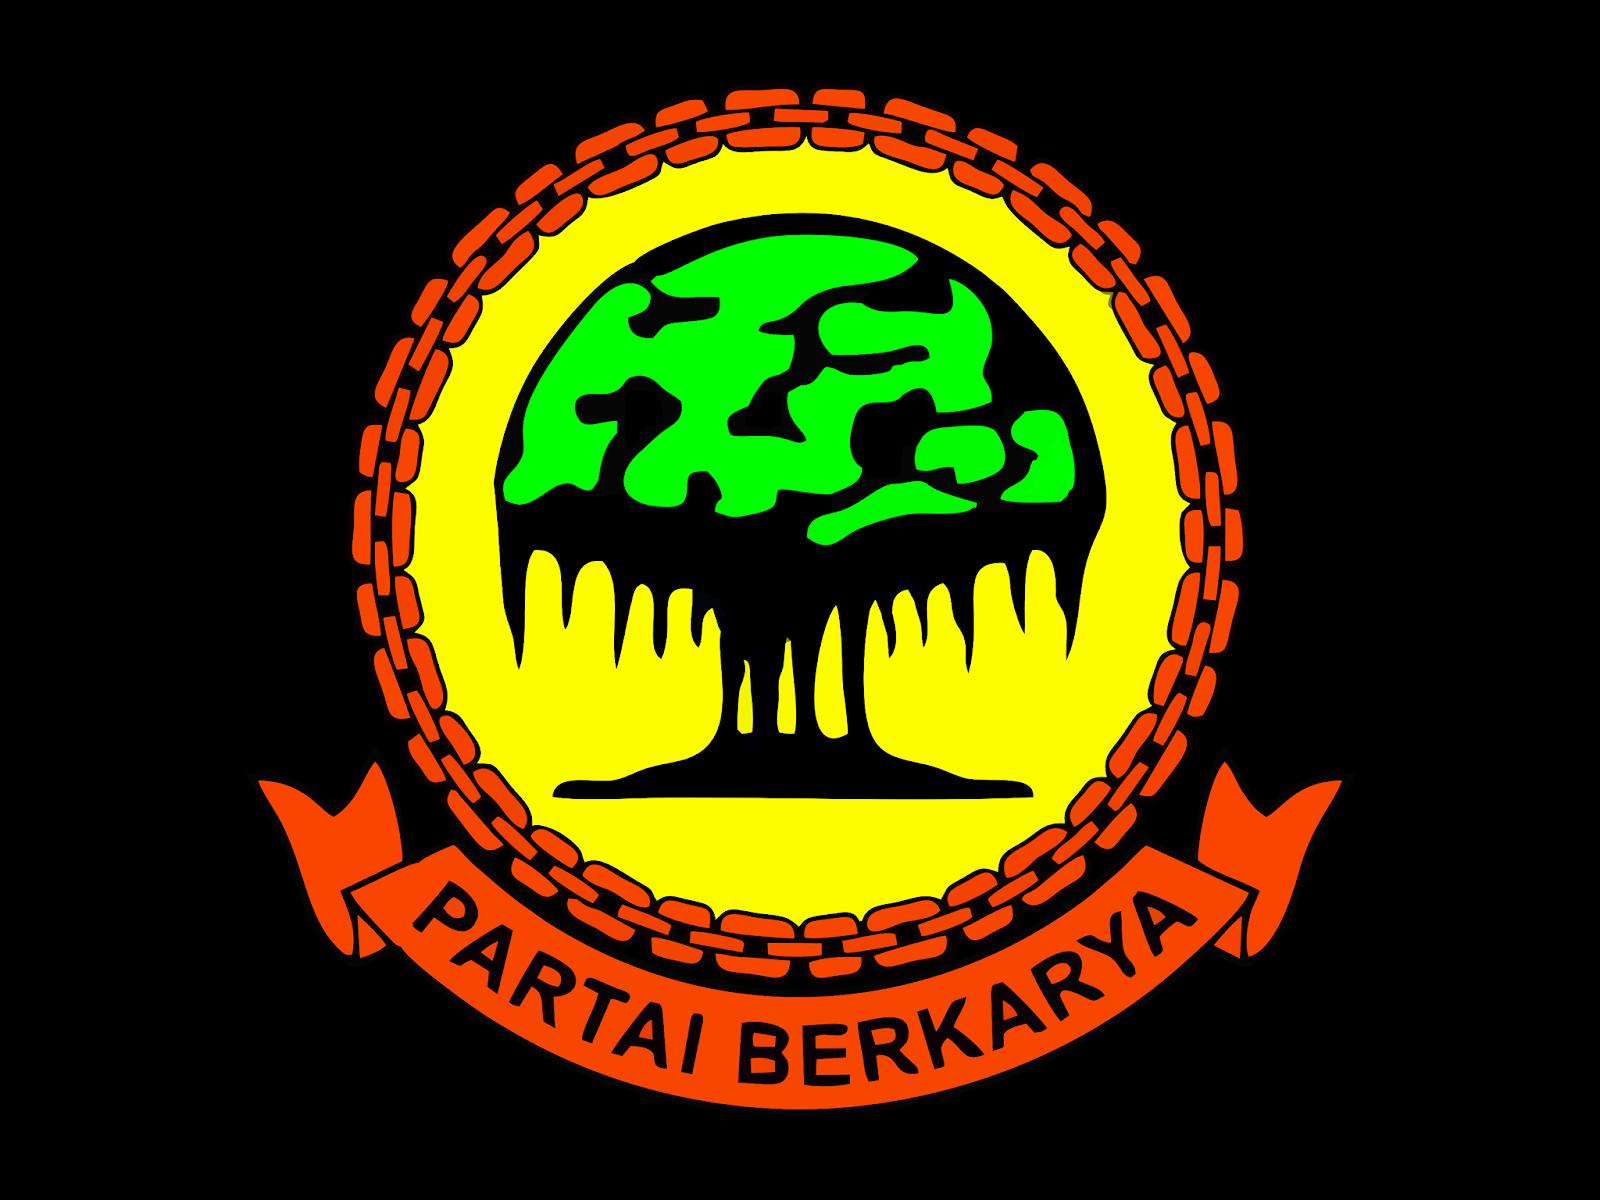 Hasil gambar untuk partai berkarya logo